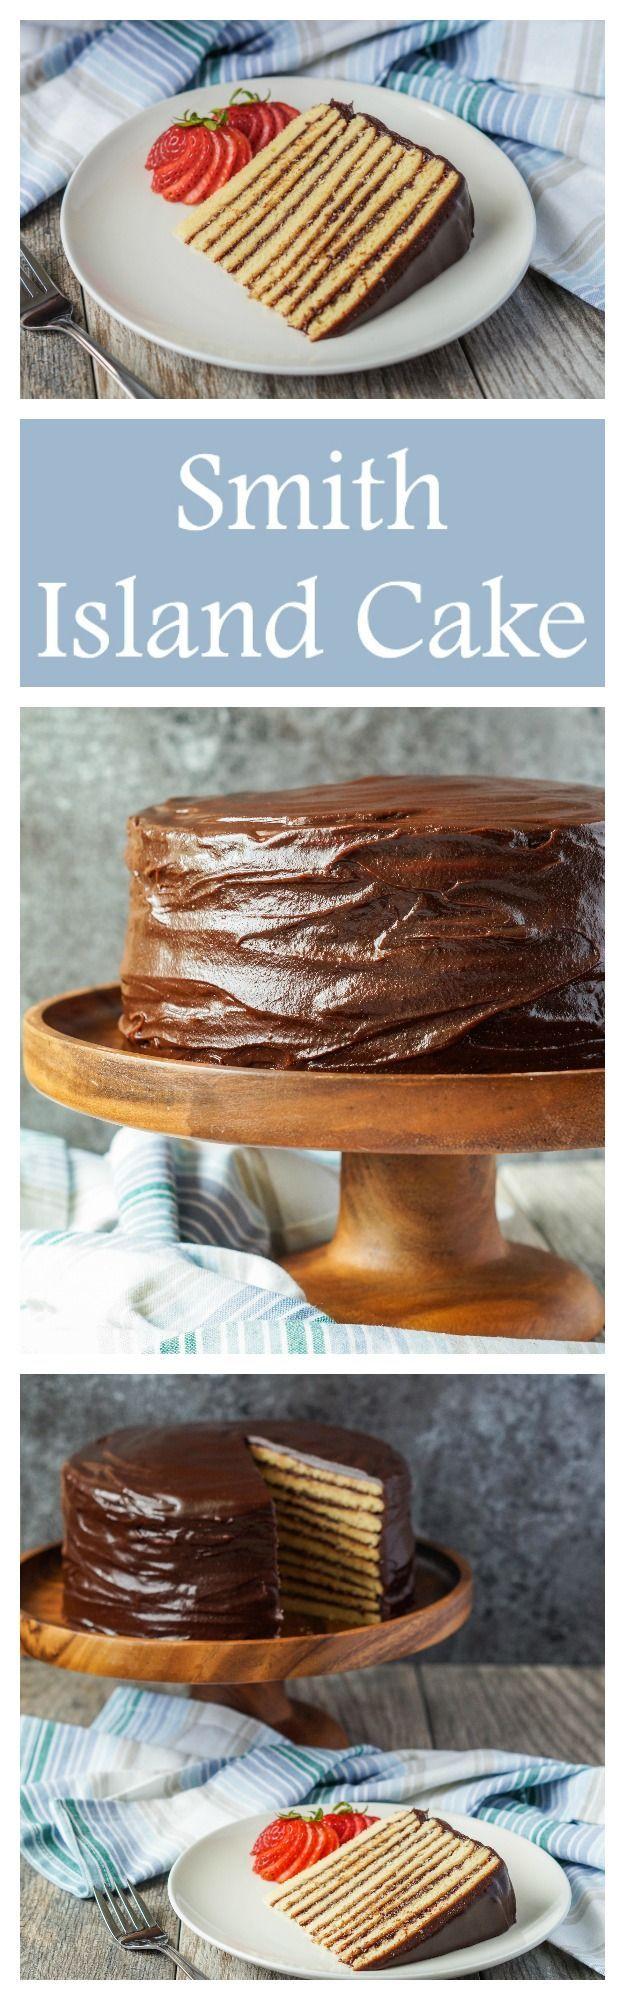 Smith Island Cake  #cake #dessert #smithisland #maryland #chocolate